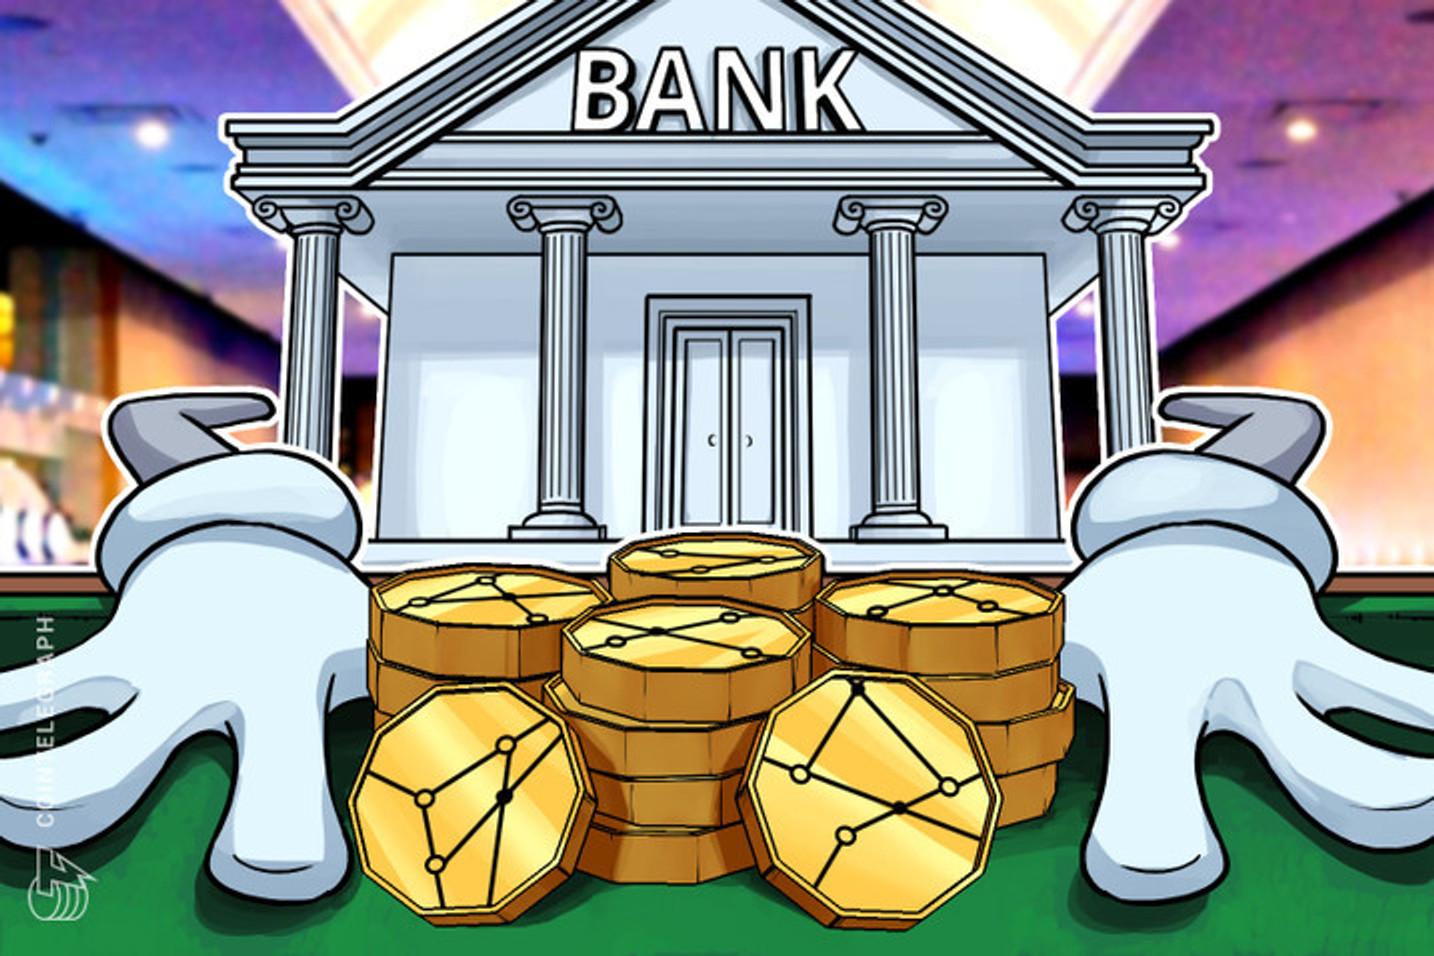 Bancos comerciais temem que moedas digitais nacionais possam destruir modelos de negócios financeiros tradicionais